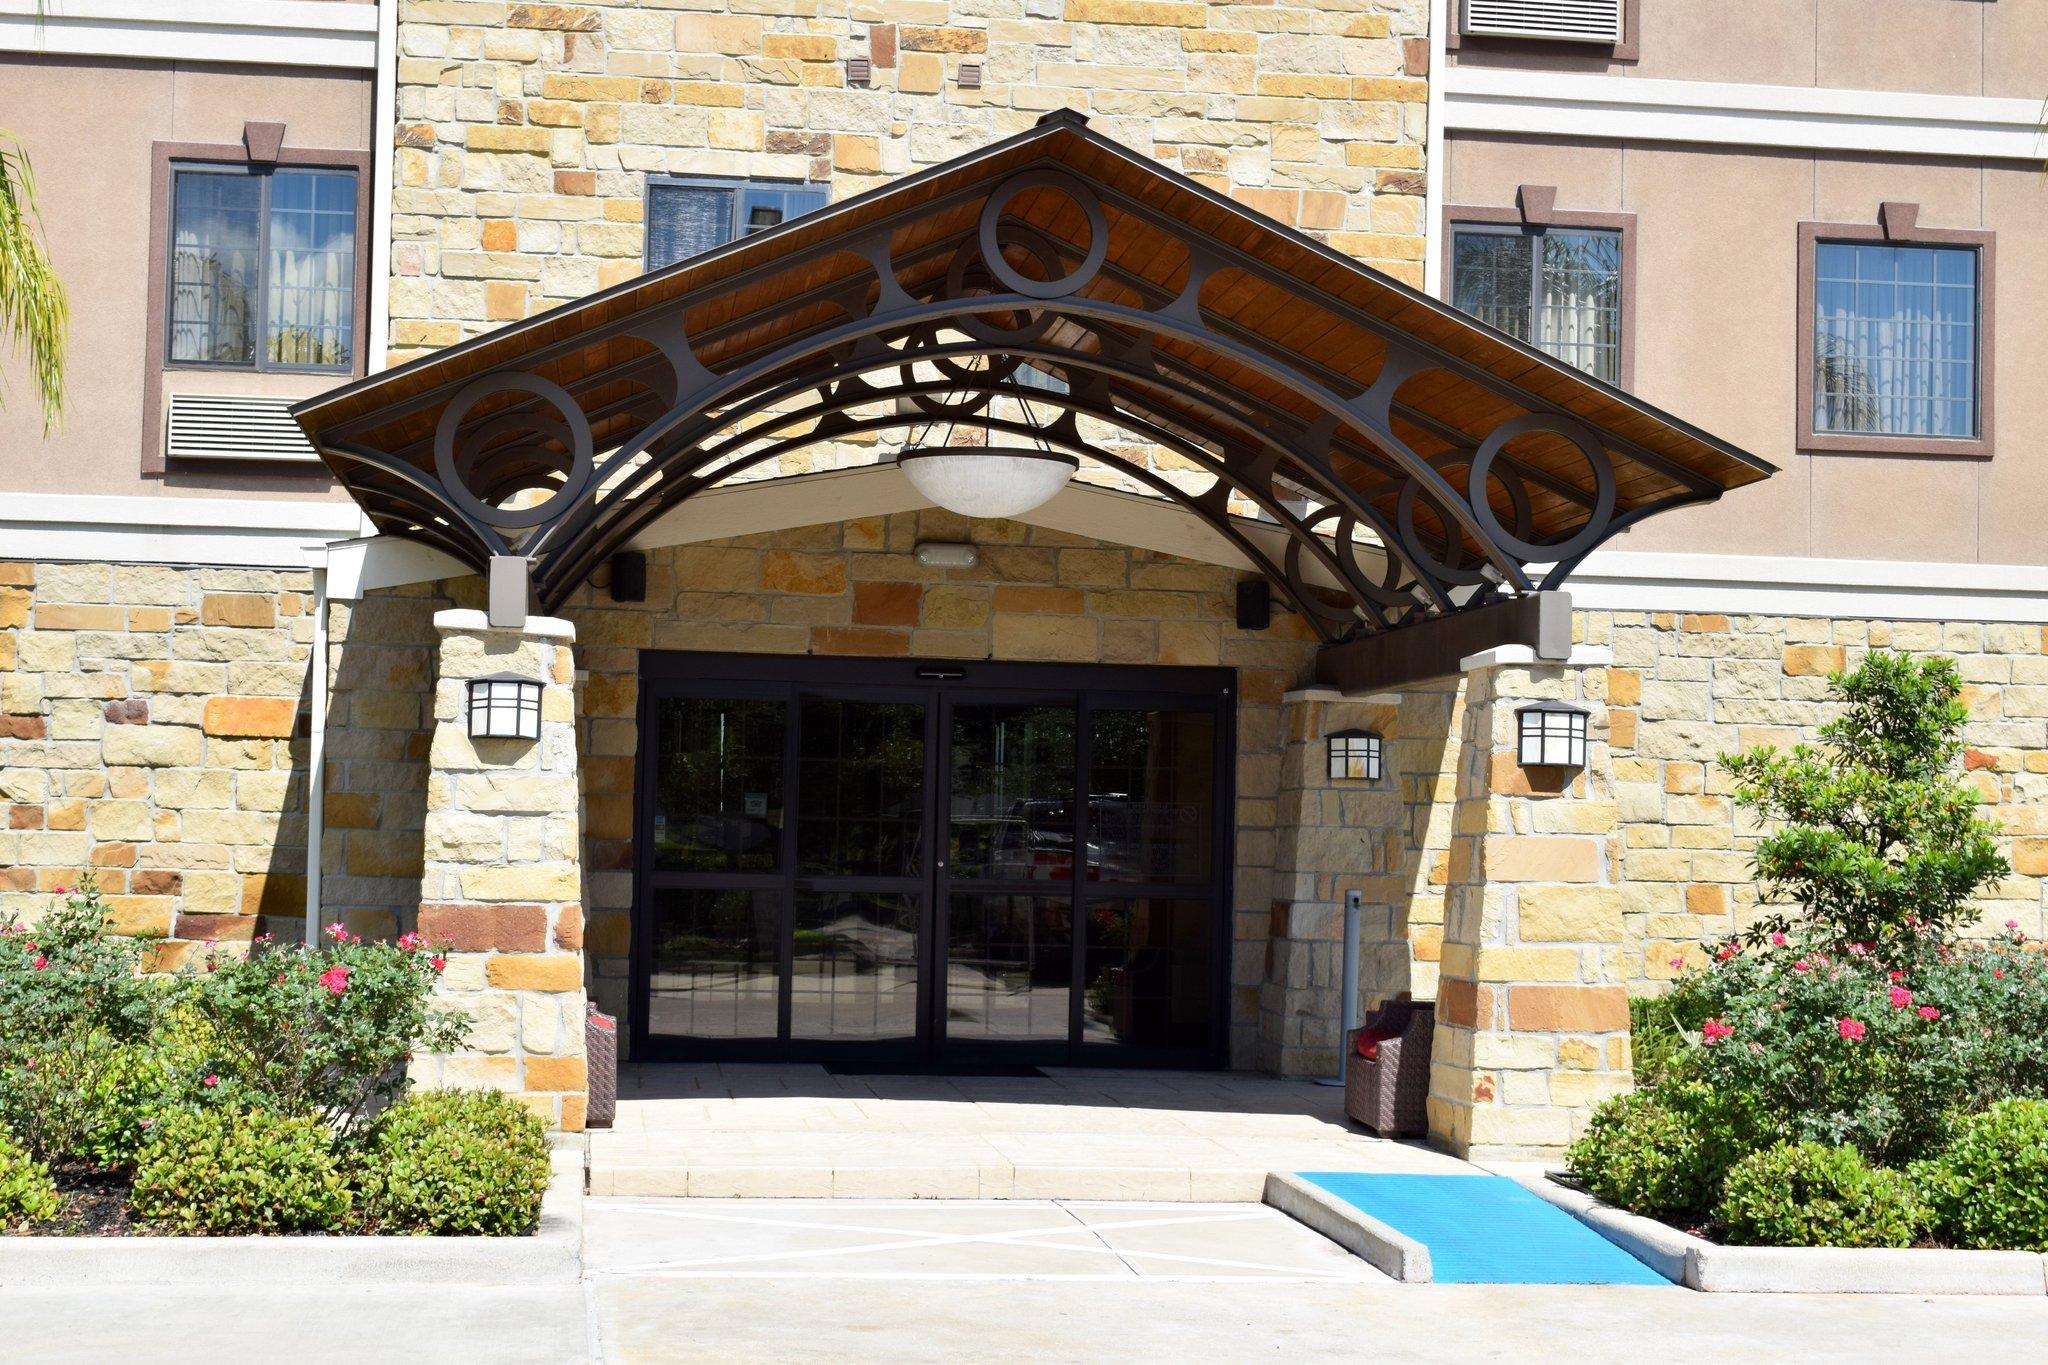 休士頓斯塔福德-舒格蘭駐橋套房飯店